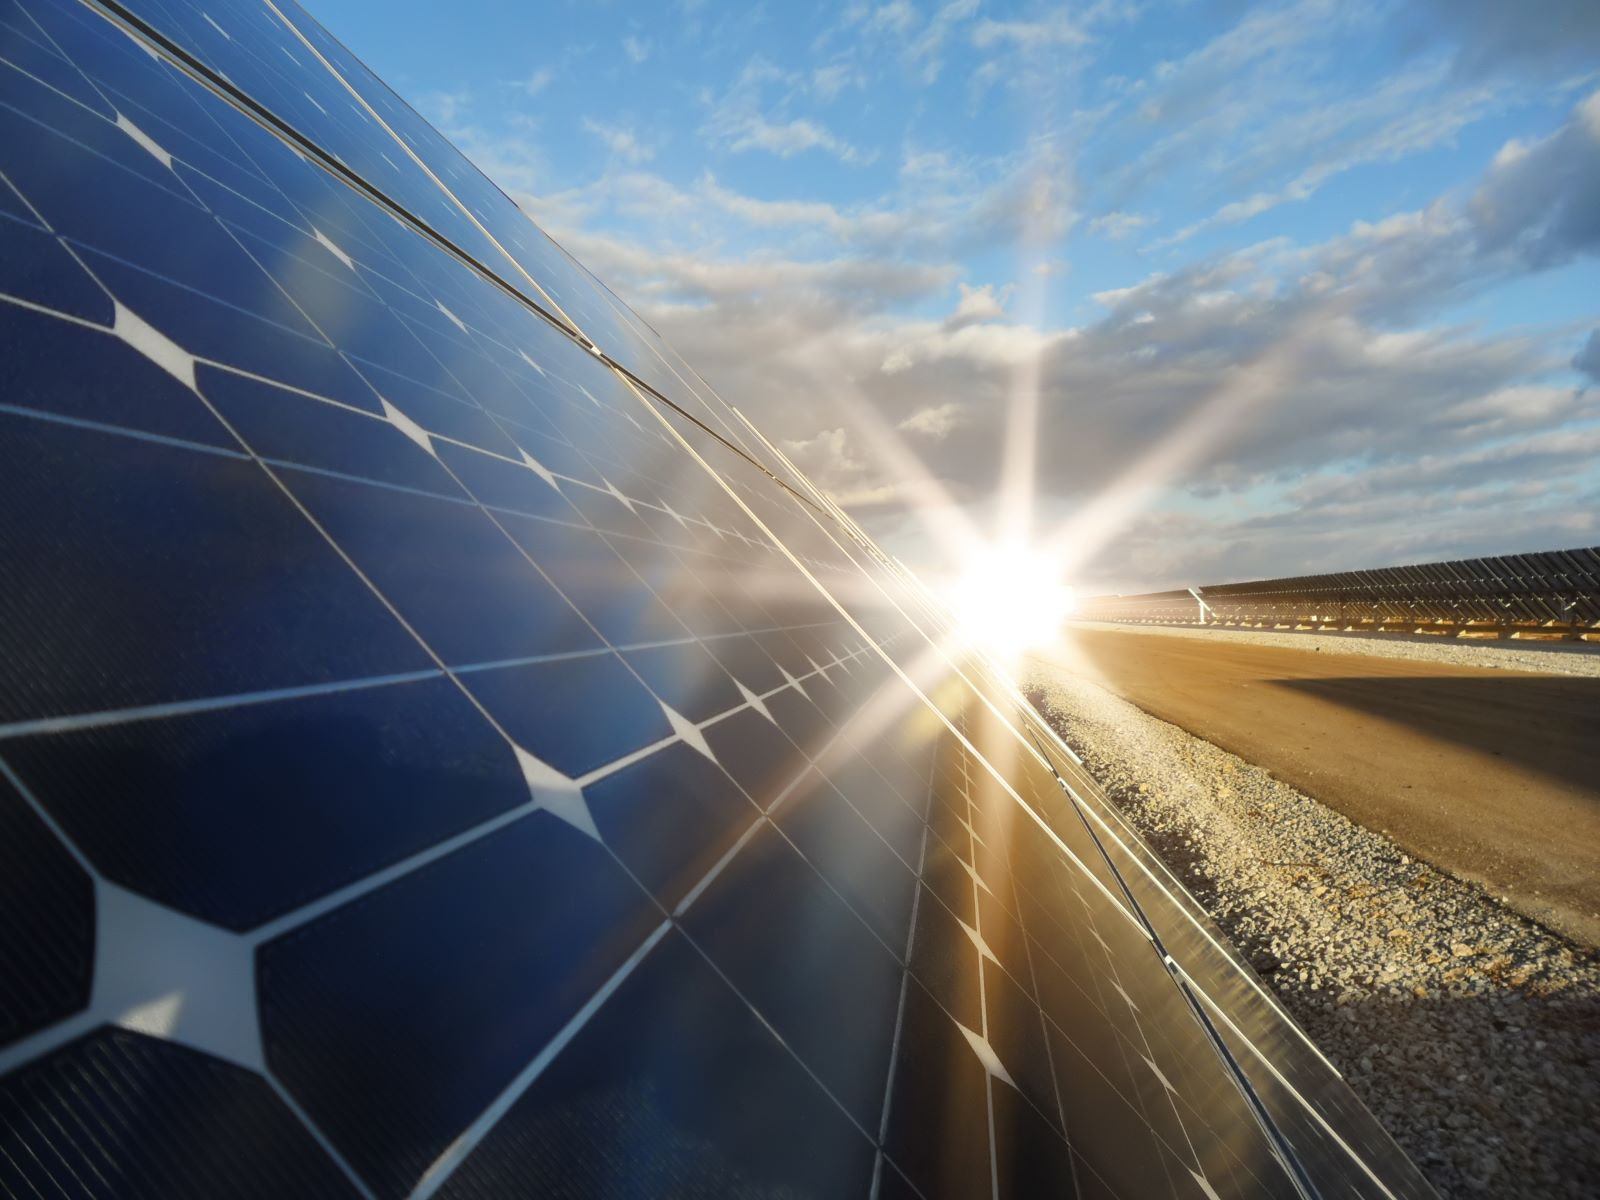 エネルギービジネスとブロックチェーン #04 エネルギー分野のICO最新動向